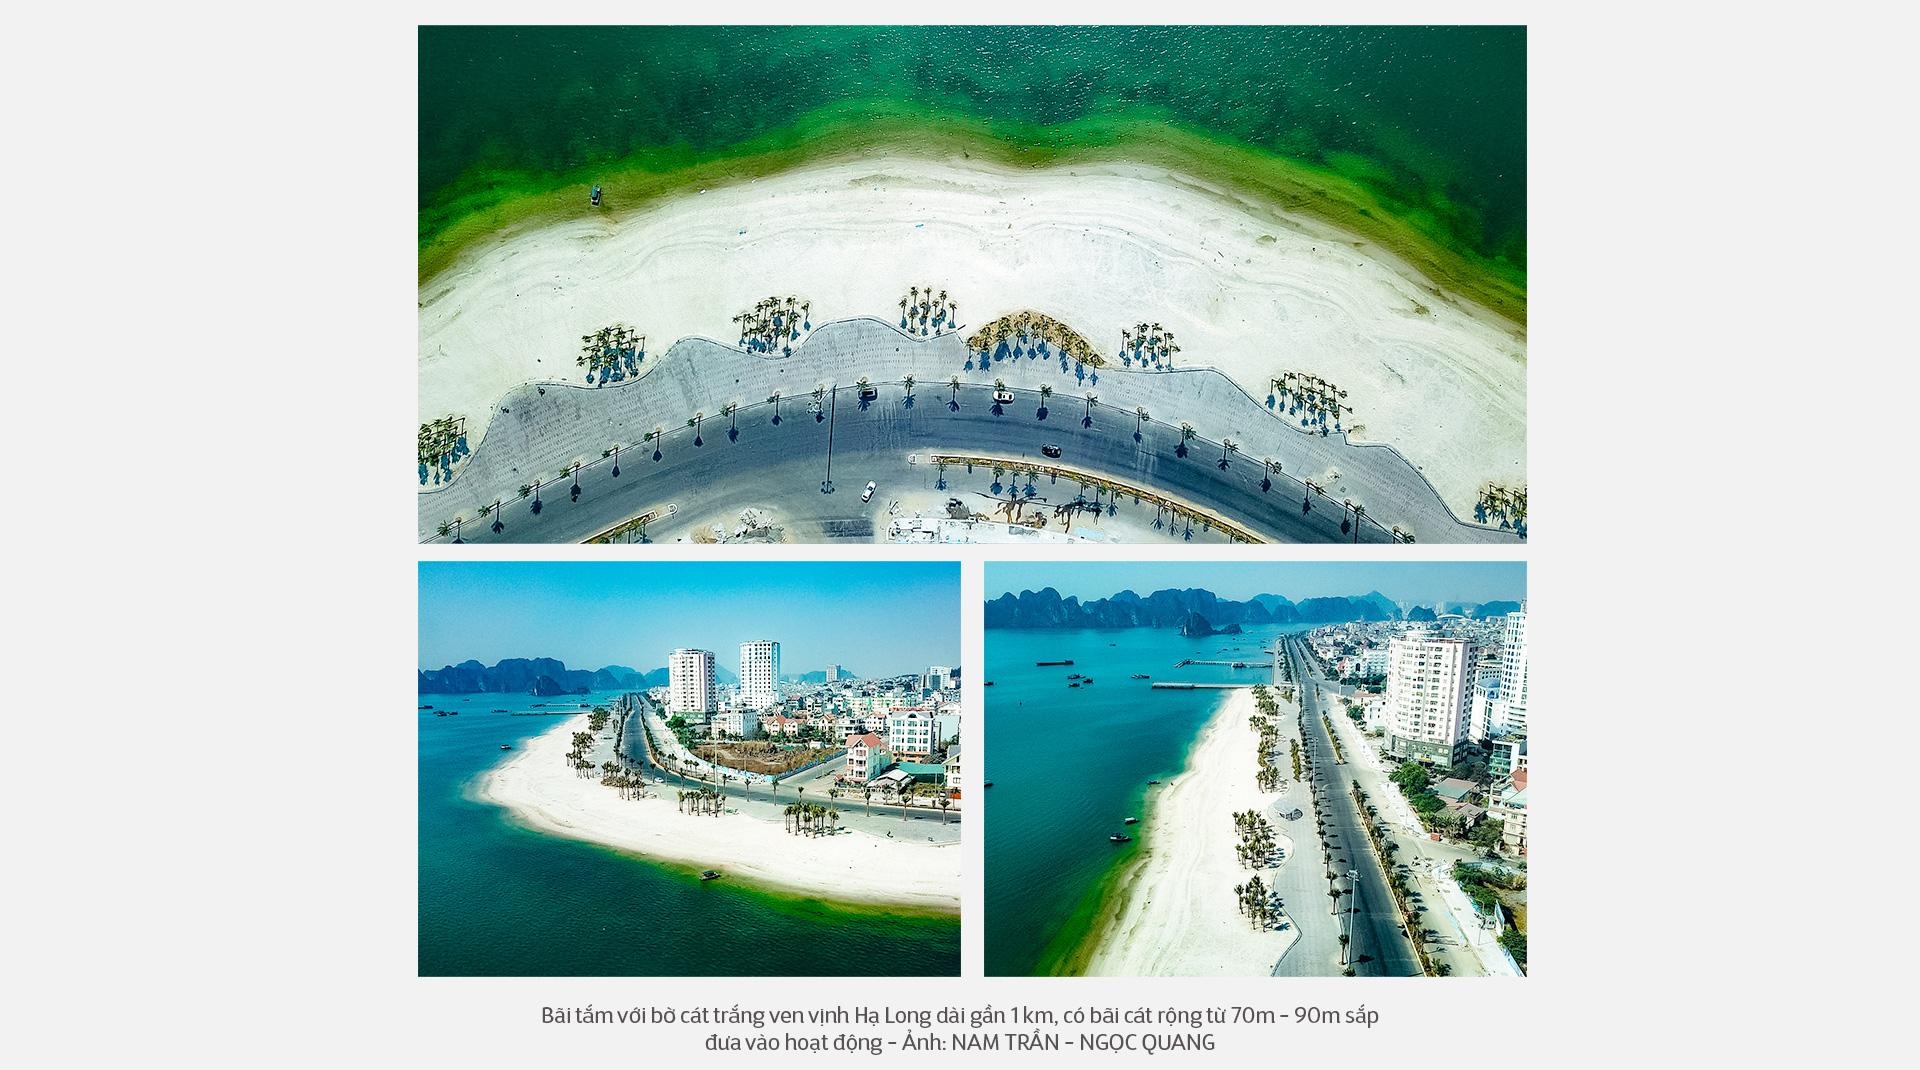 (Kì 4) mới - Đường ven biển Hạ Long: Tuyệt tác bên bờ di sản - Ảnh 3.